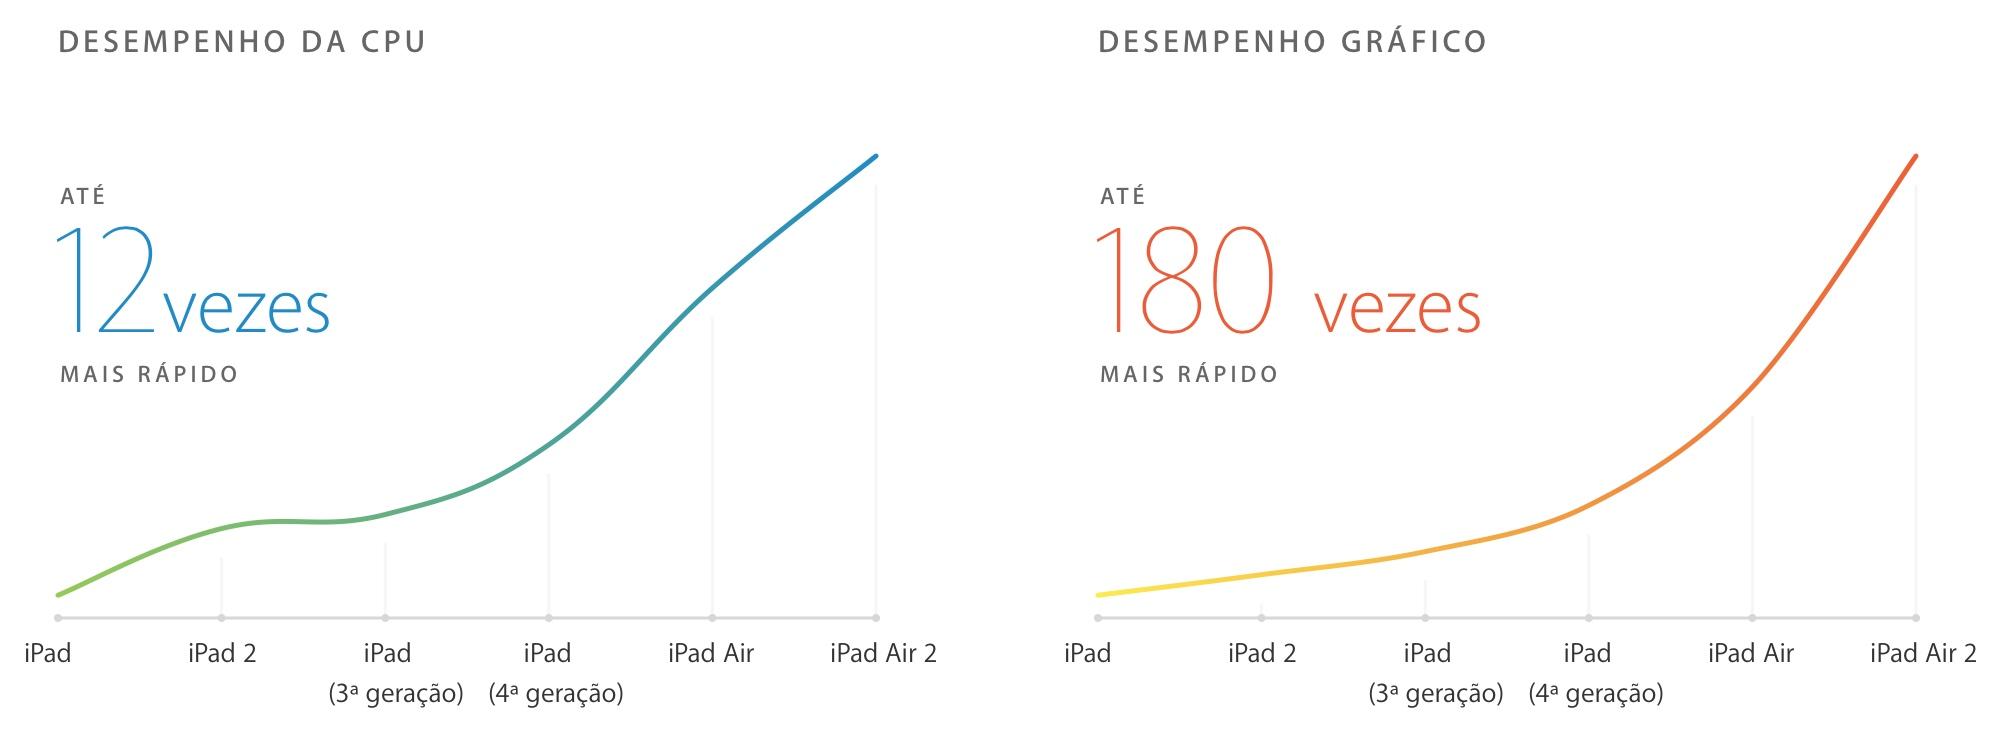 Gráfico do iPad Air 2